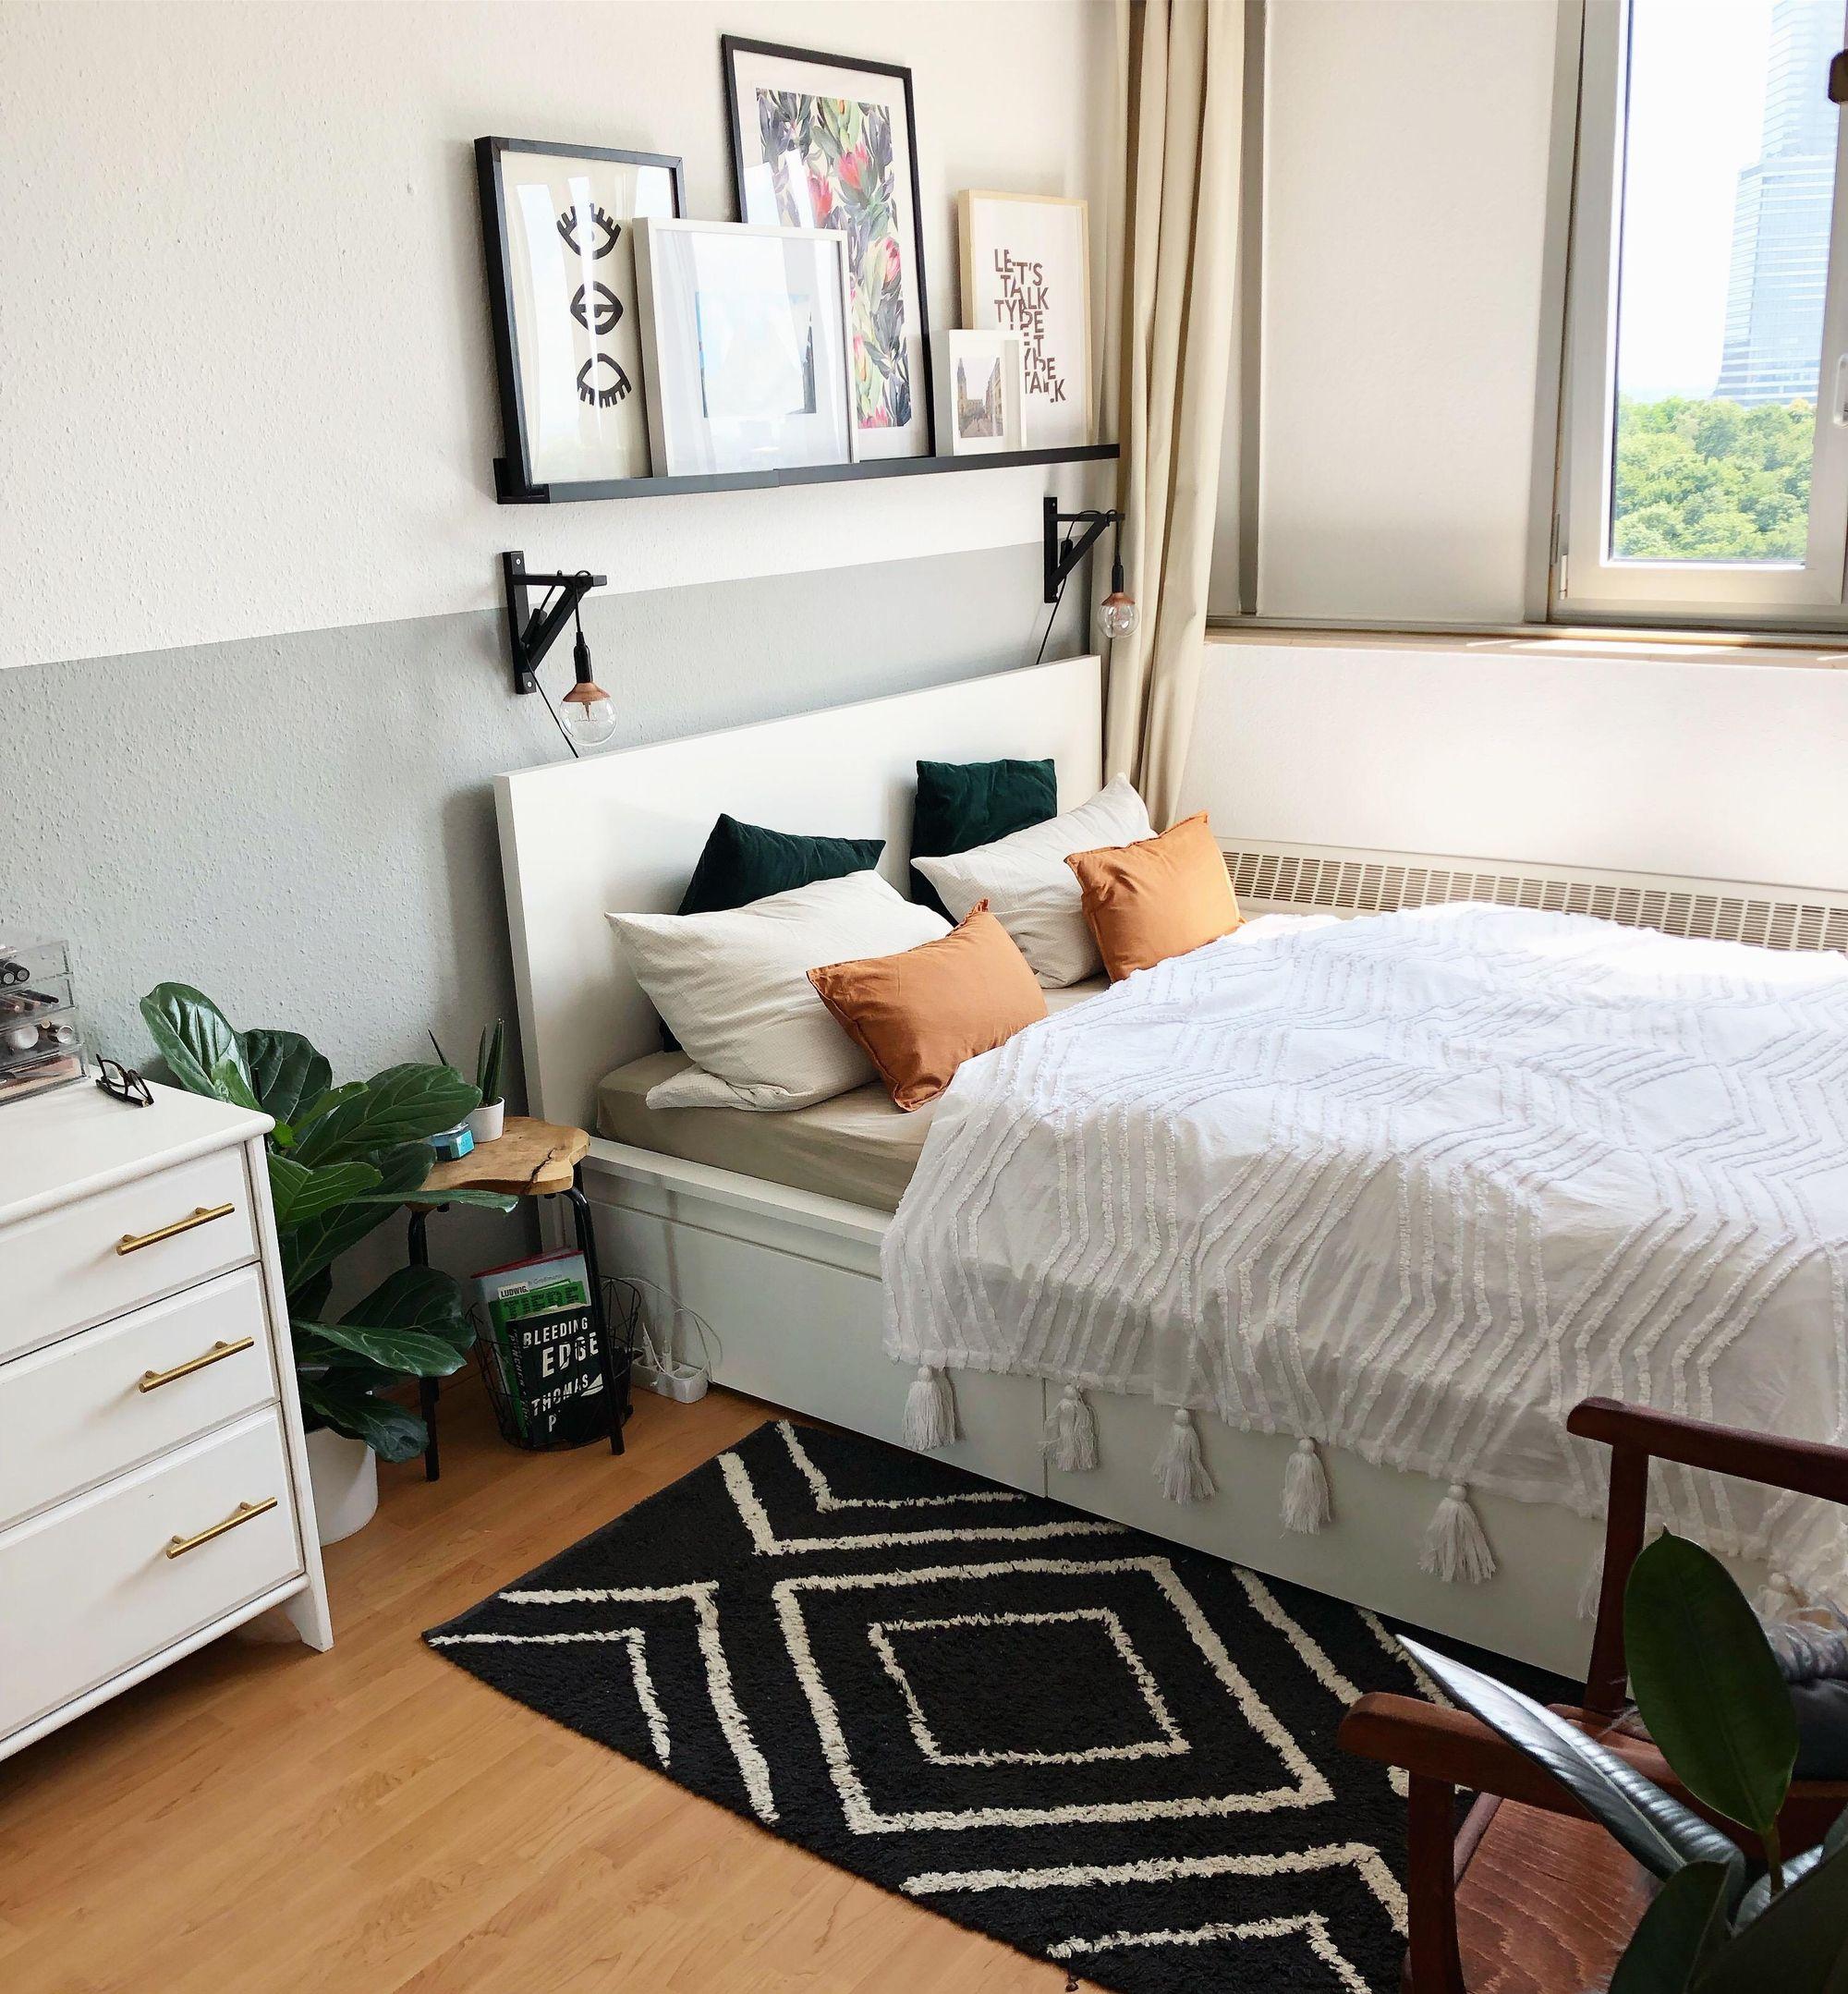 Gallery Wall Bilder Ideen Haus Schlafzimmer Dekorieren